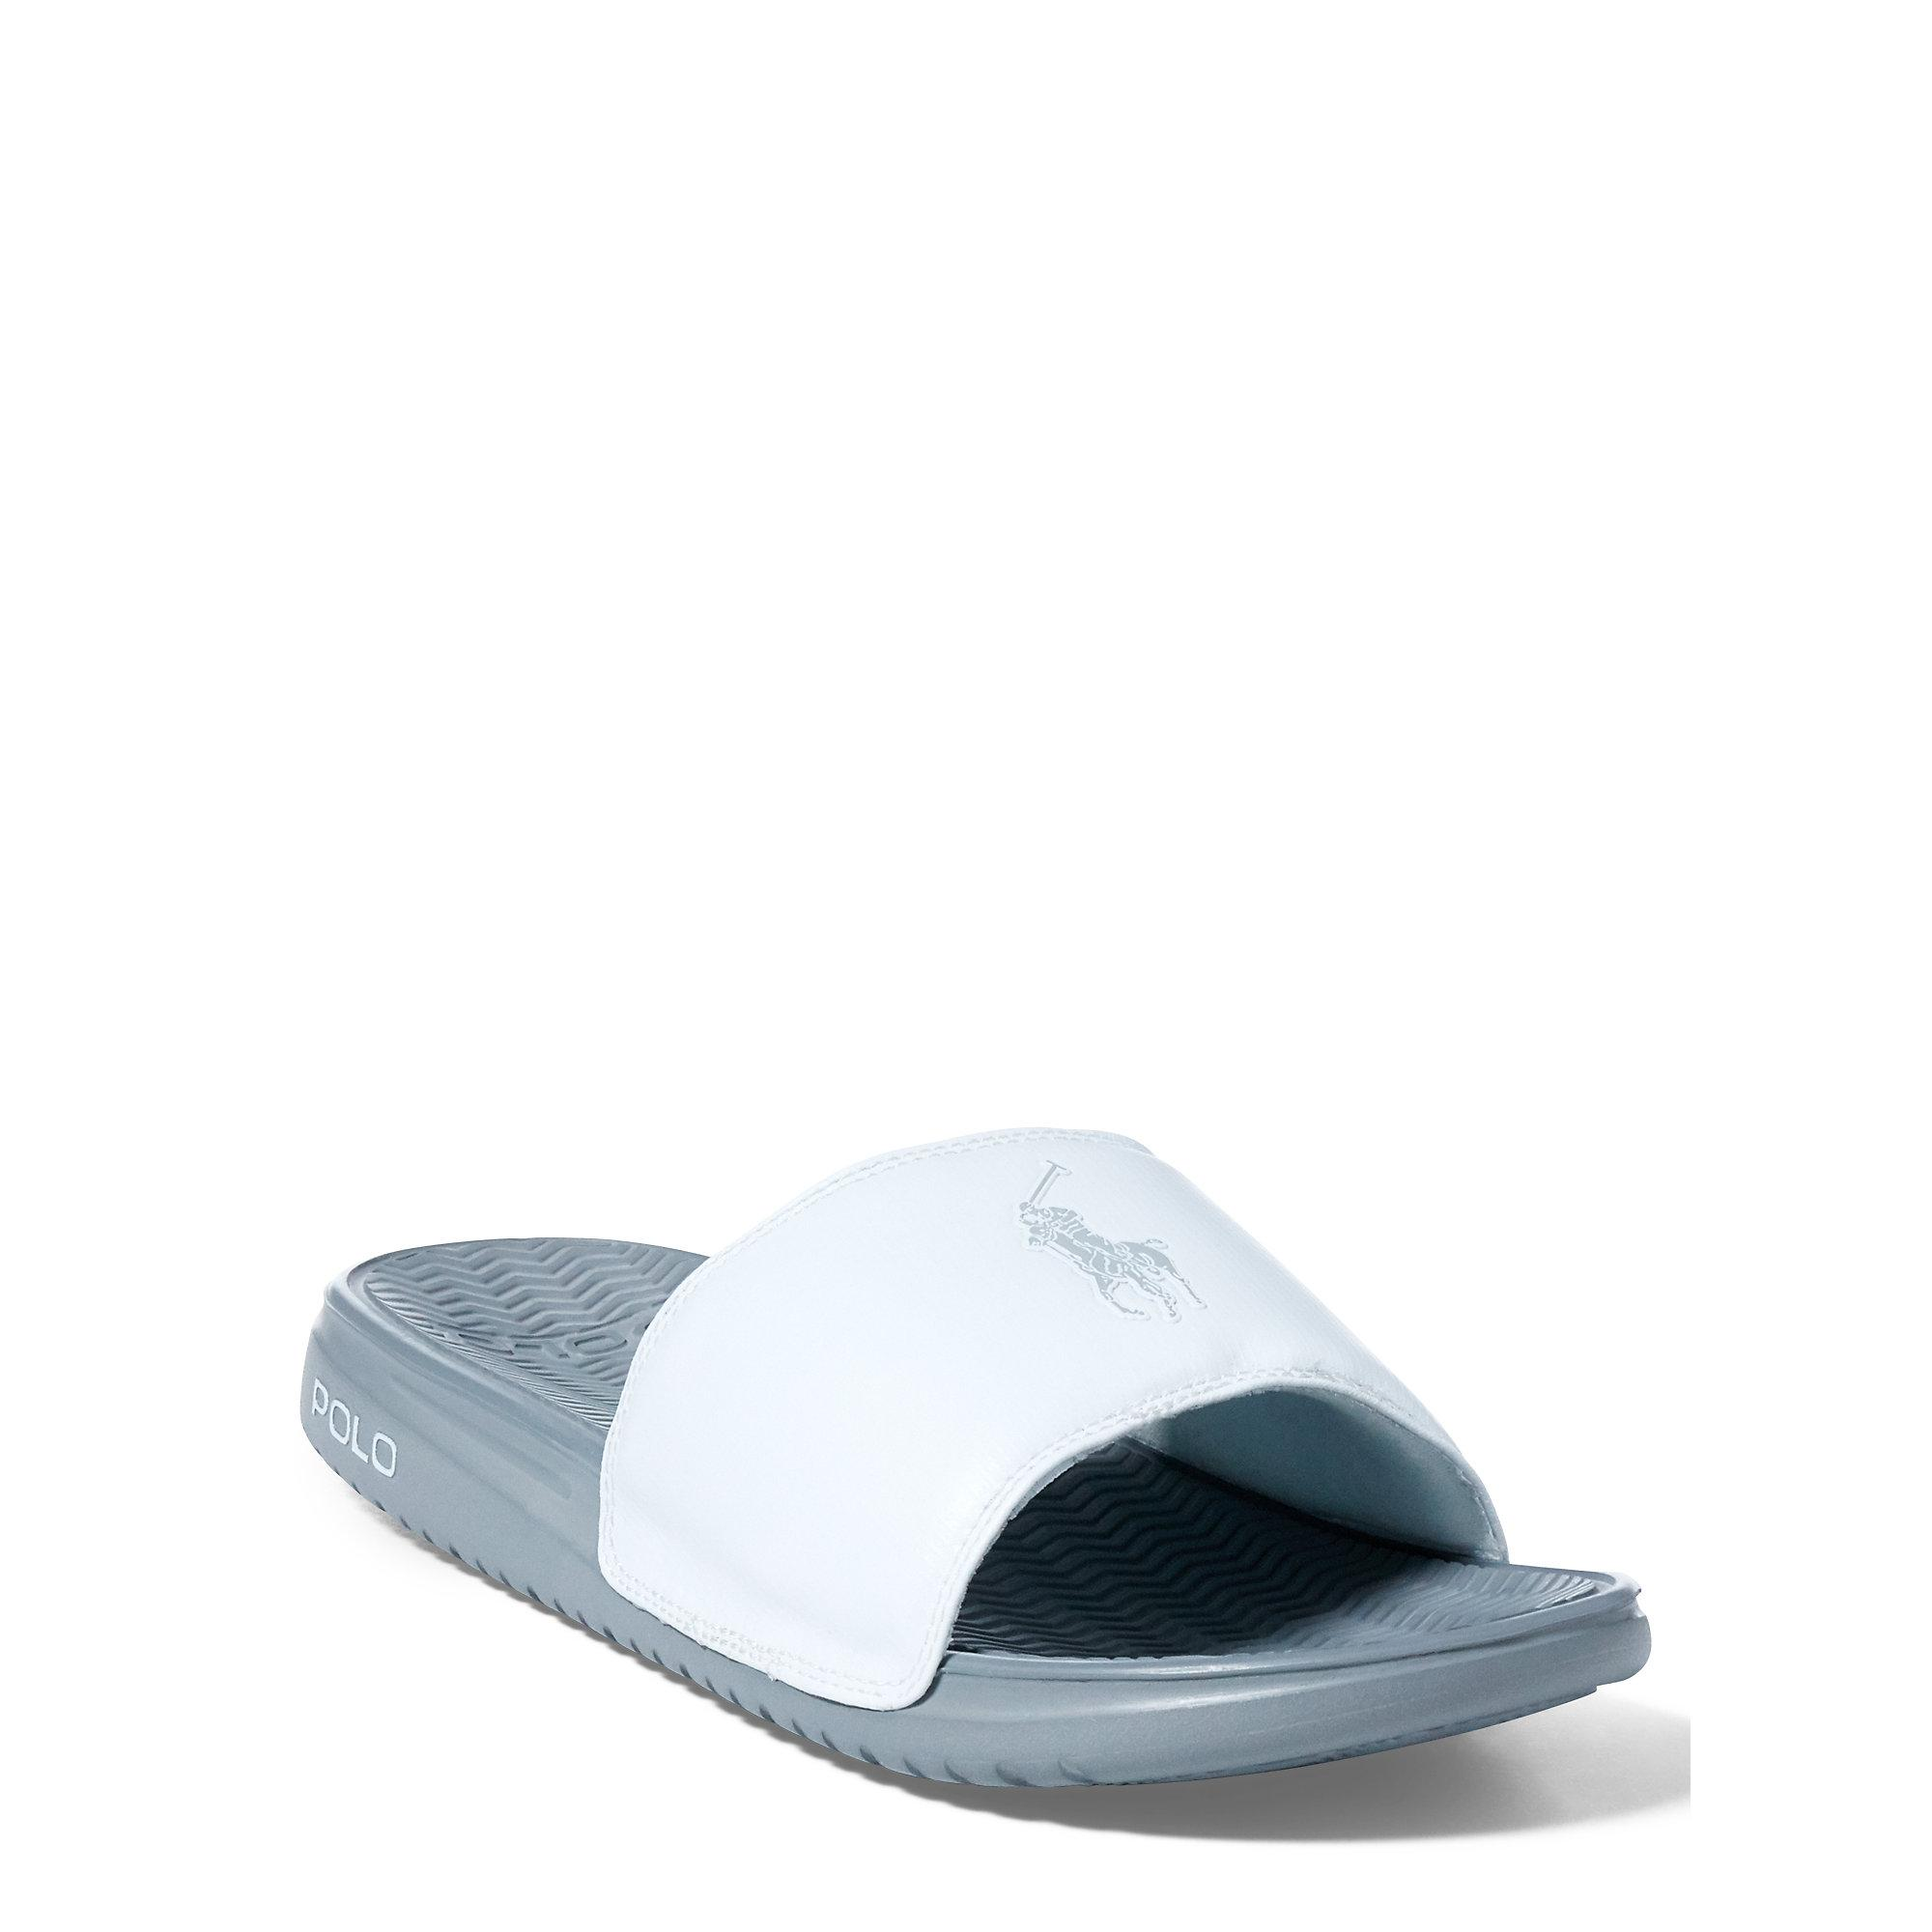 Black And Grey Ralph Lauren Shoes